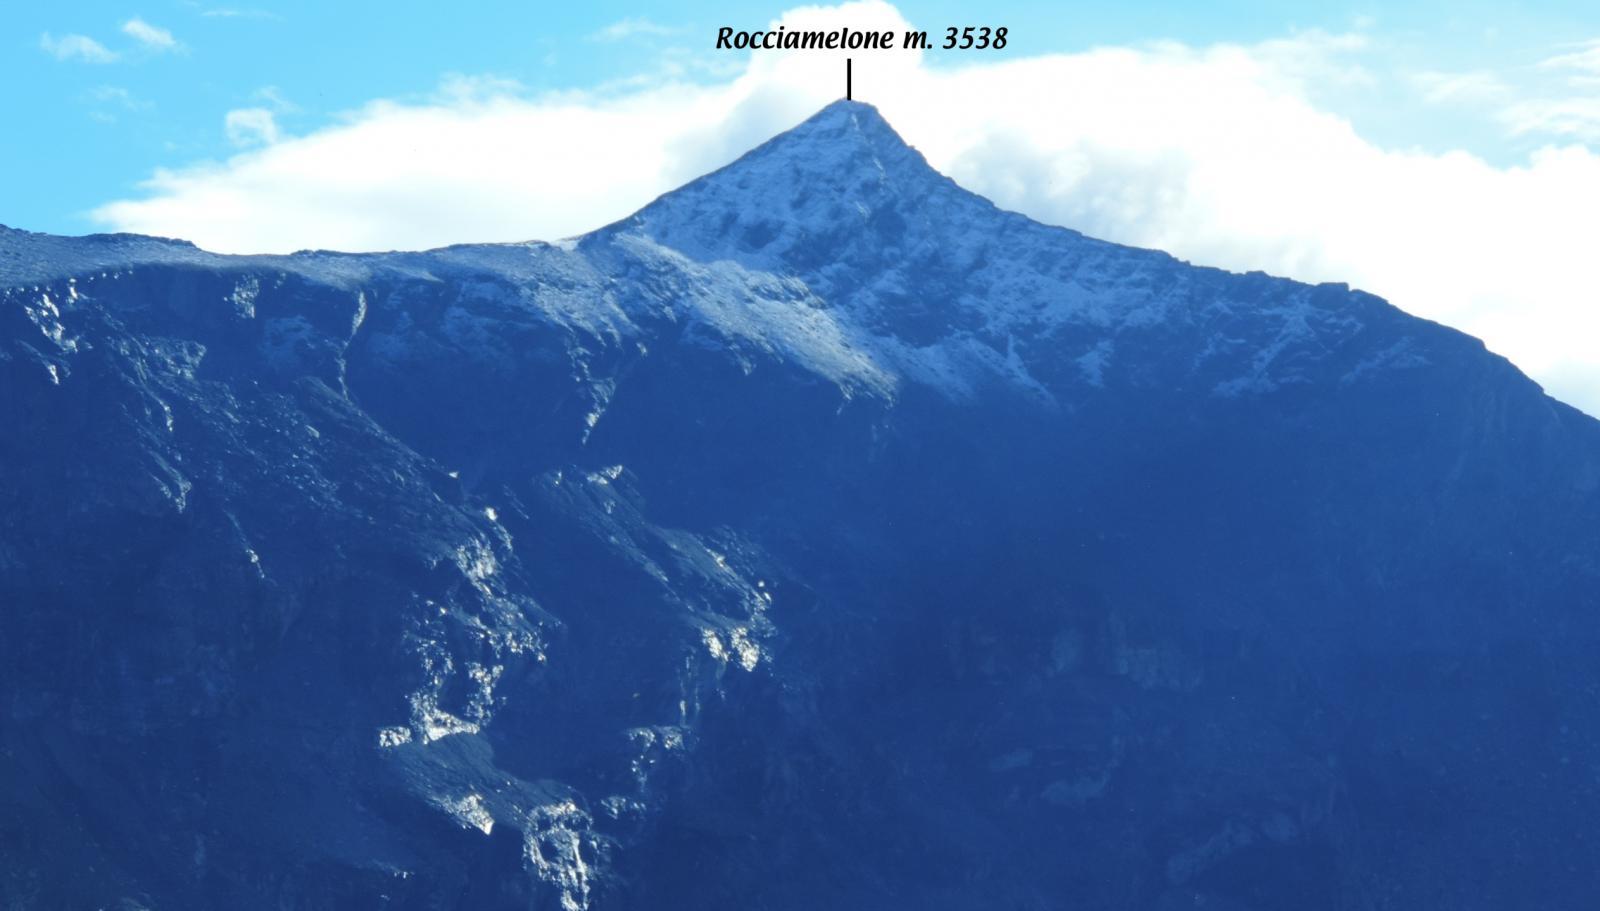 visuale sul Rocciamelone incappuciato di neve dal Lago Arpone